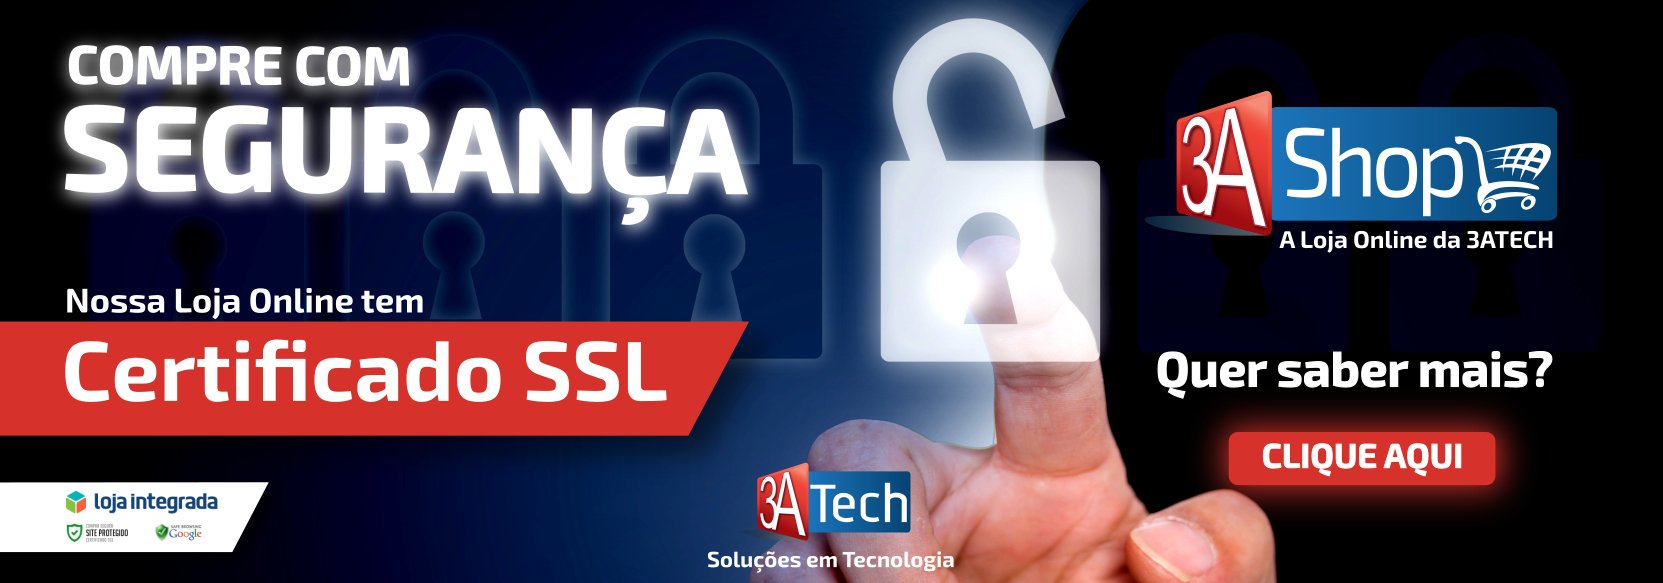 Compra Segura com Certificado SSL